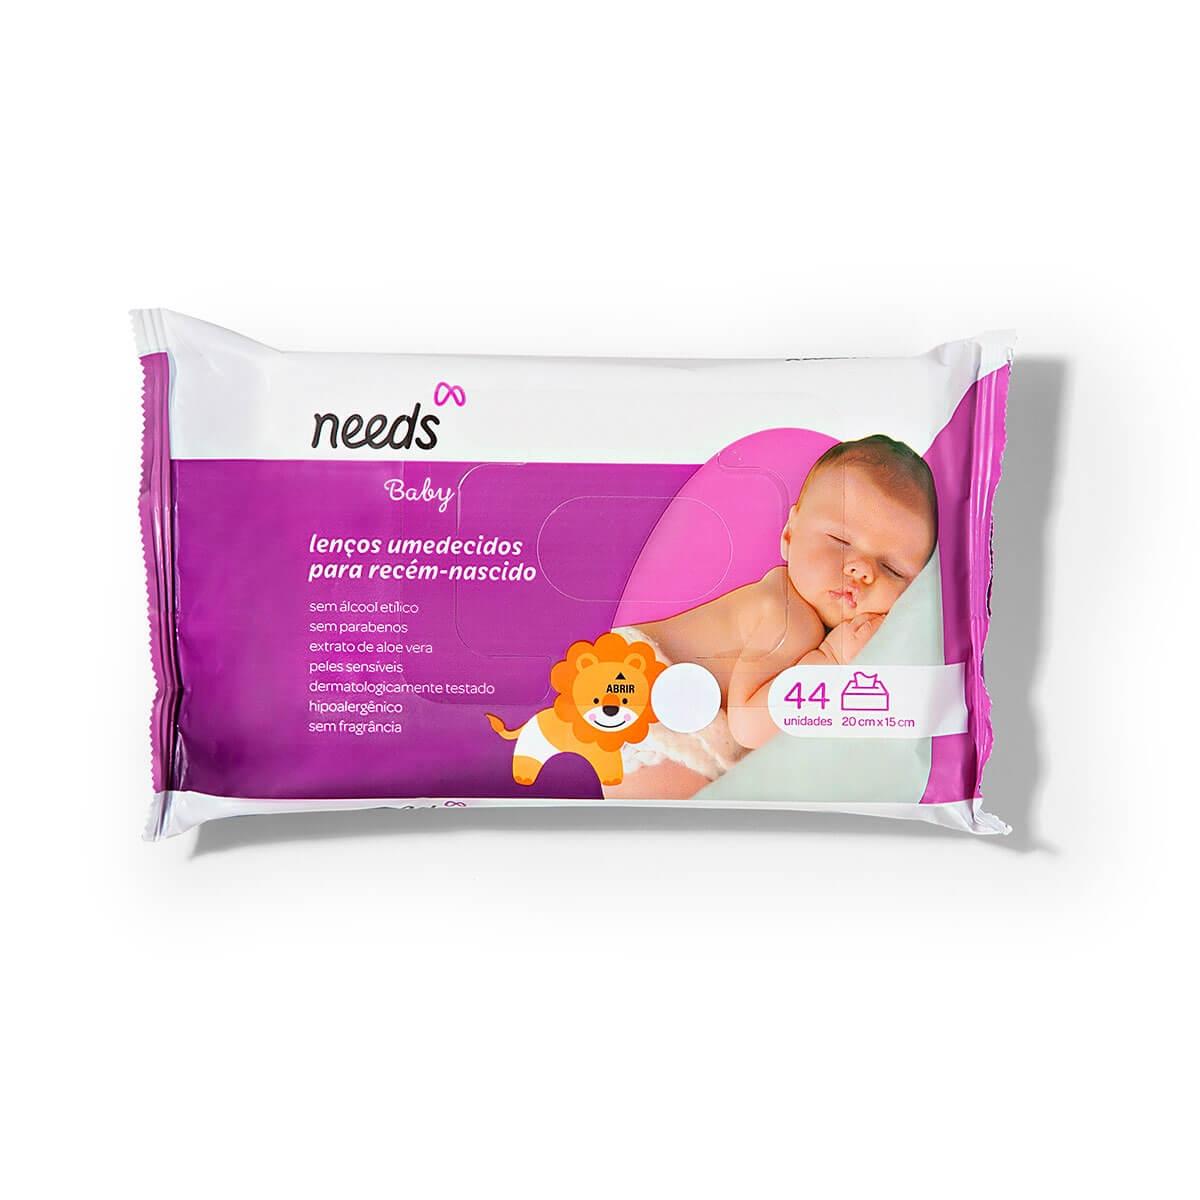 Lenço Umedecido Needs Baby Recém-Nascido 44 Unidades